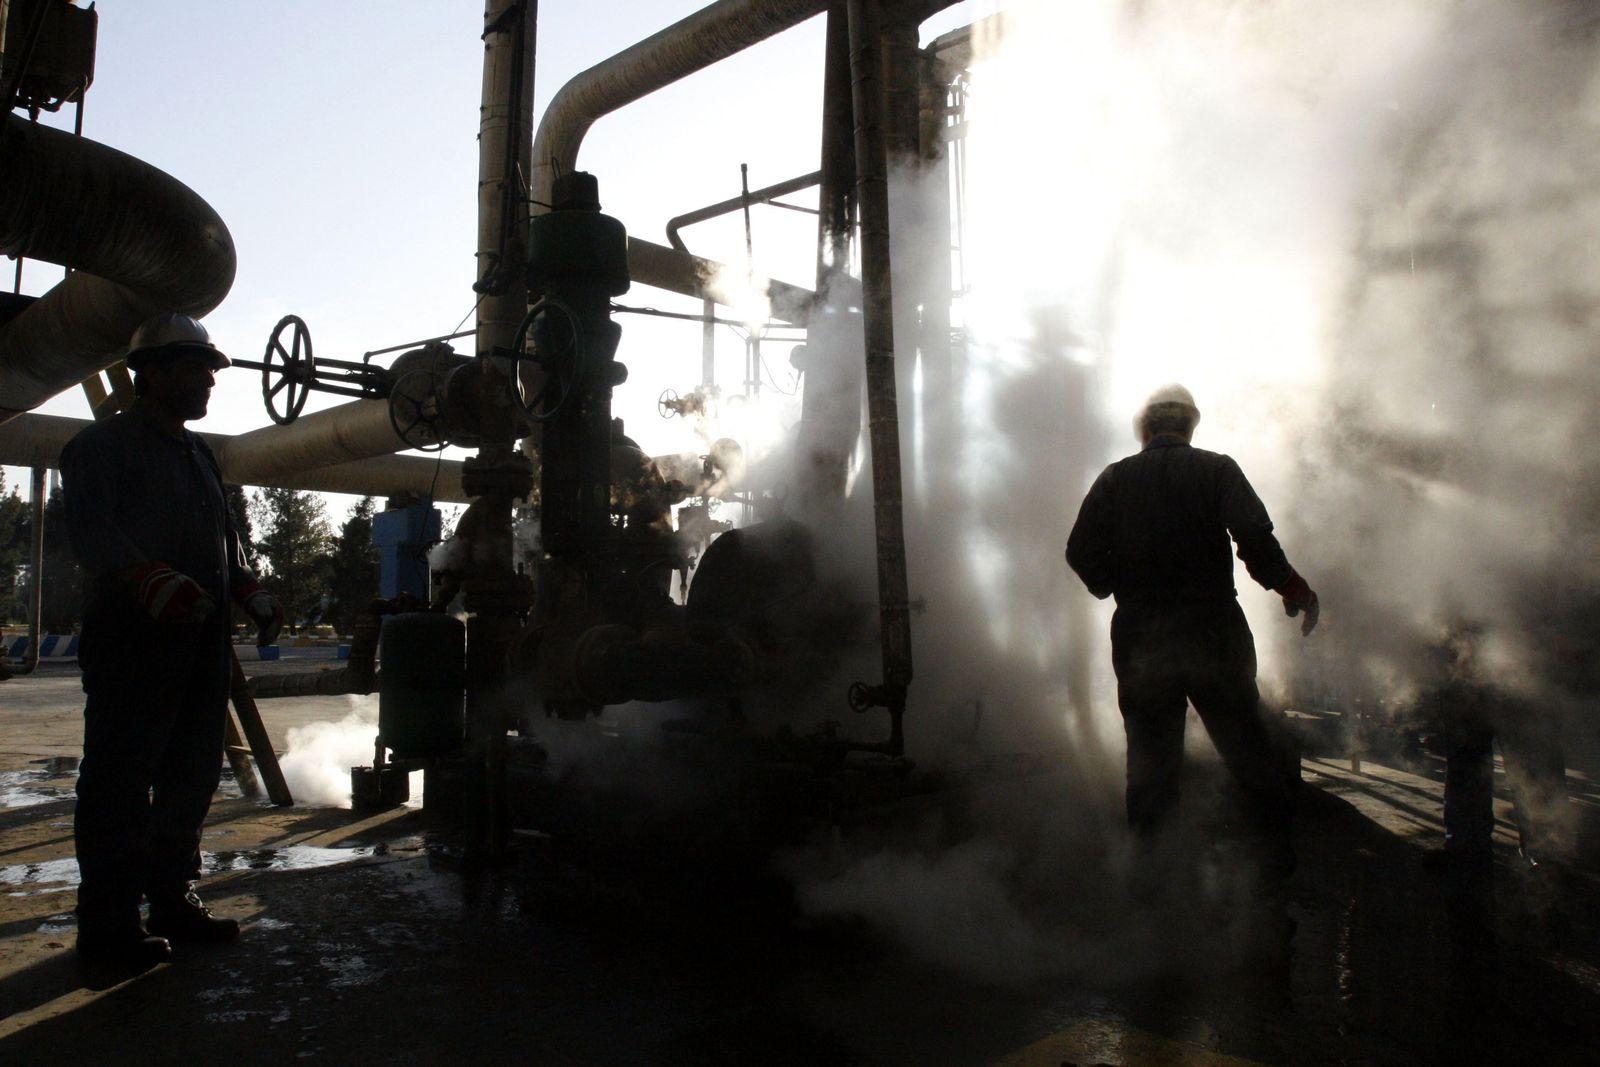 Öl / Iran